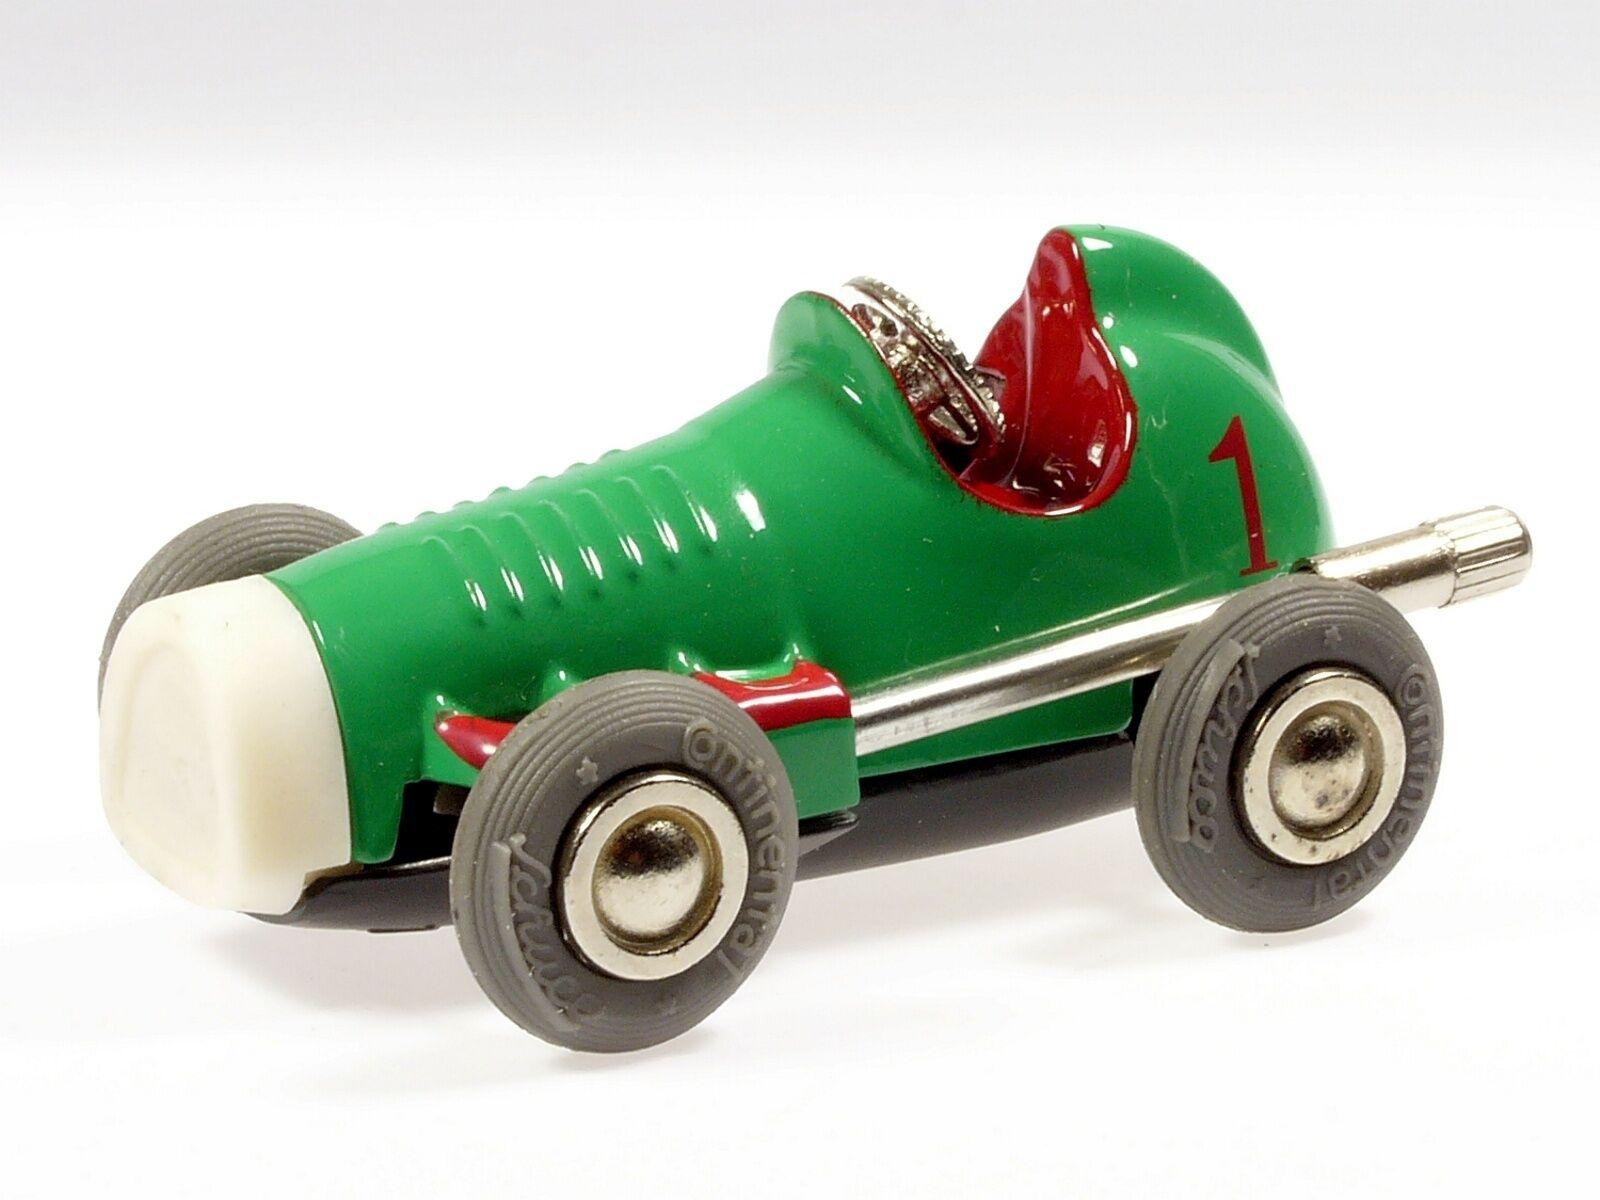 Schuco Micro-Racer Midget USA green green green 1042 756a56